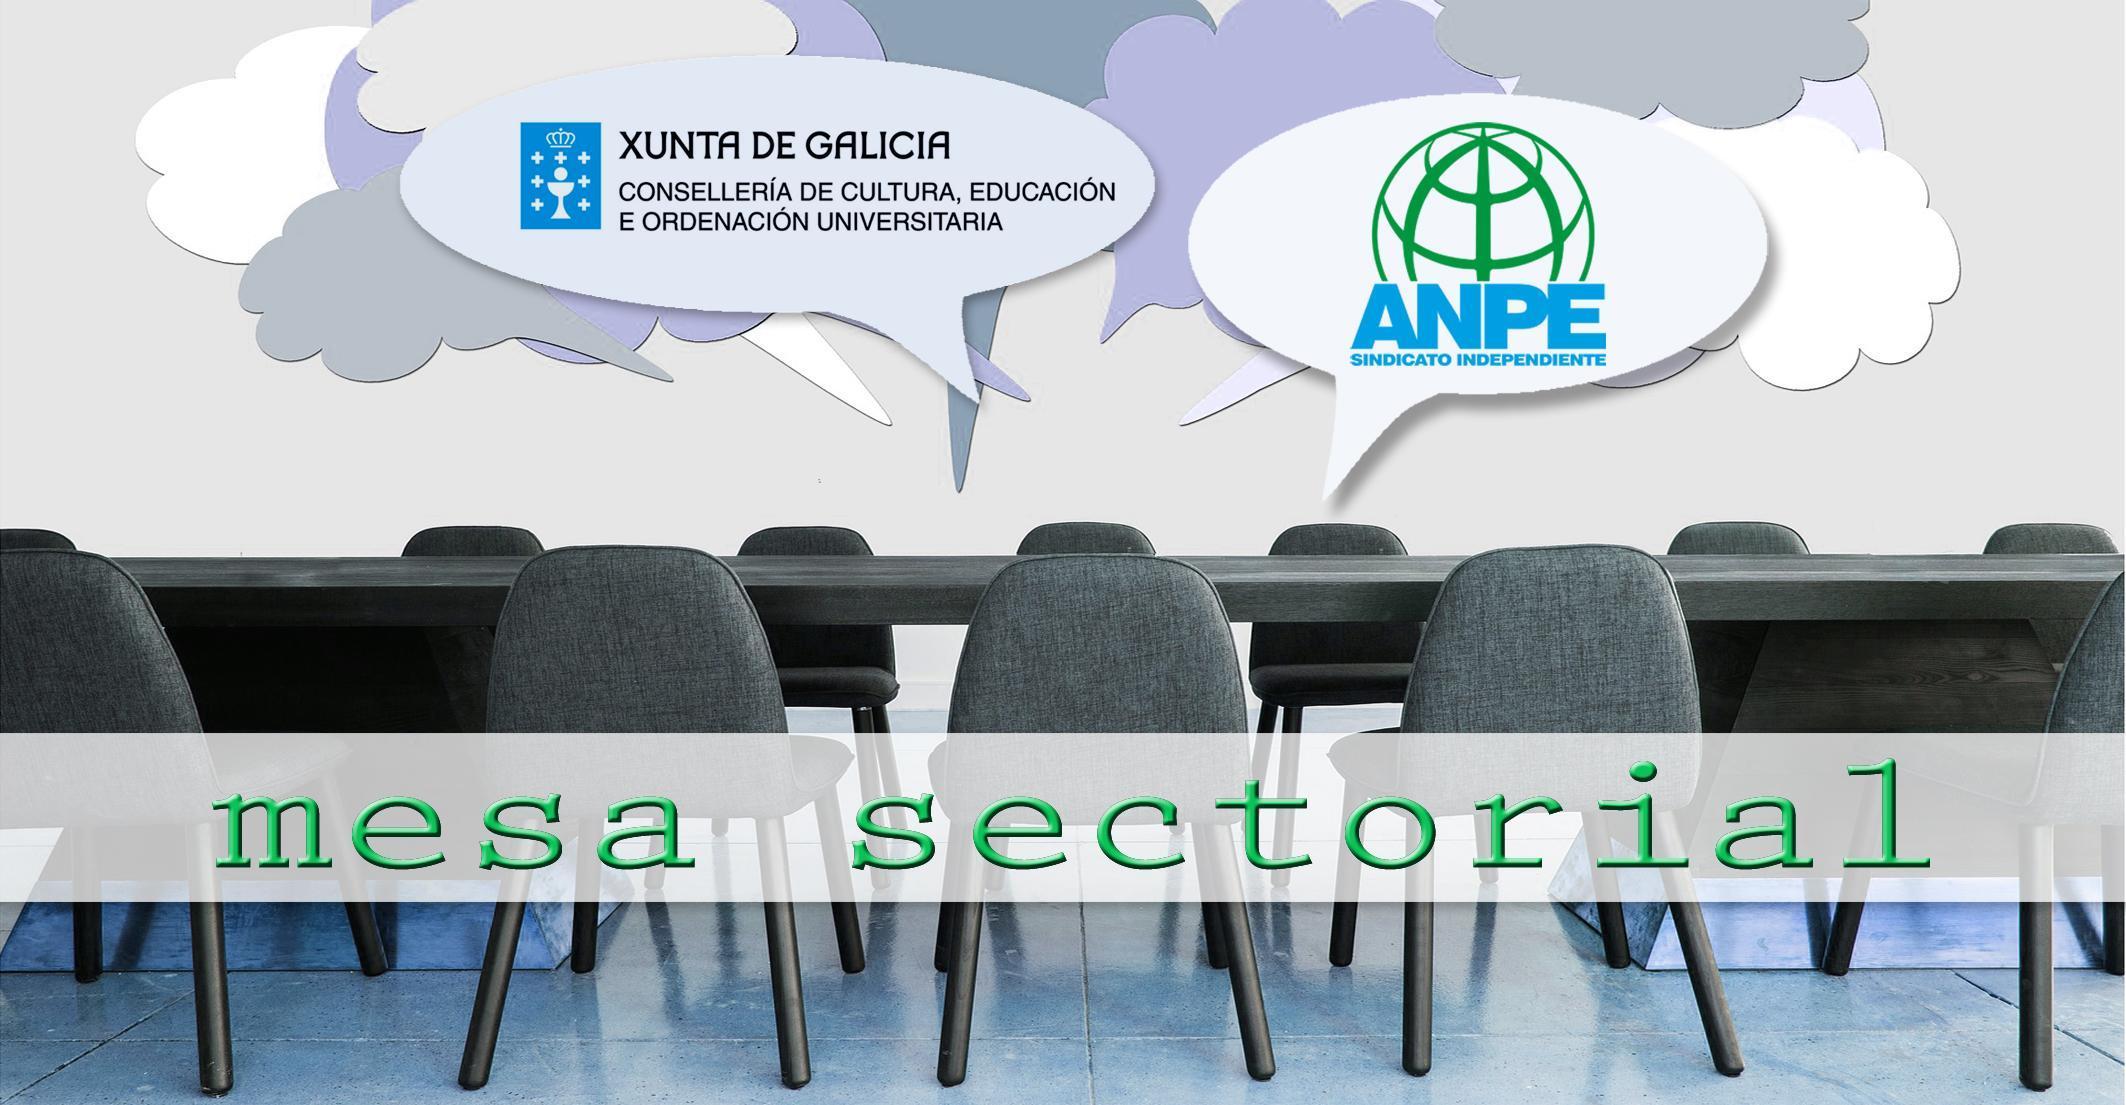 Calendario Escolar 2020 18 Aragon.Anpe Galicia Accion Sindical